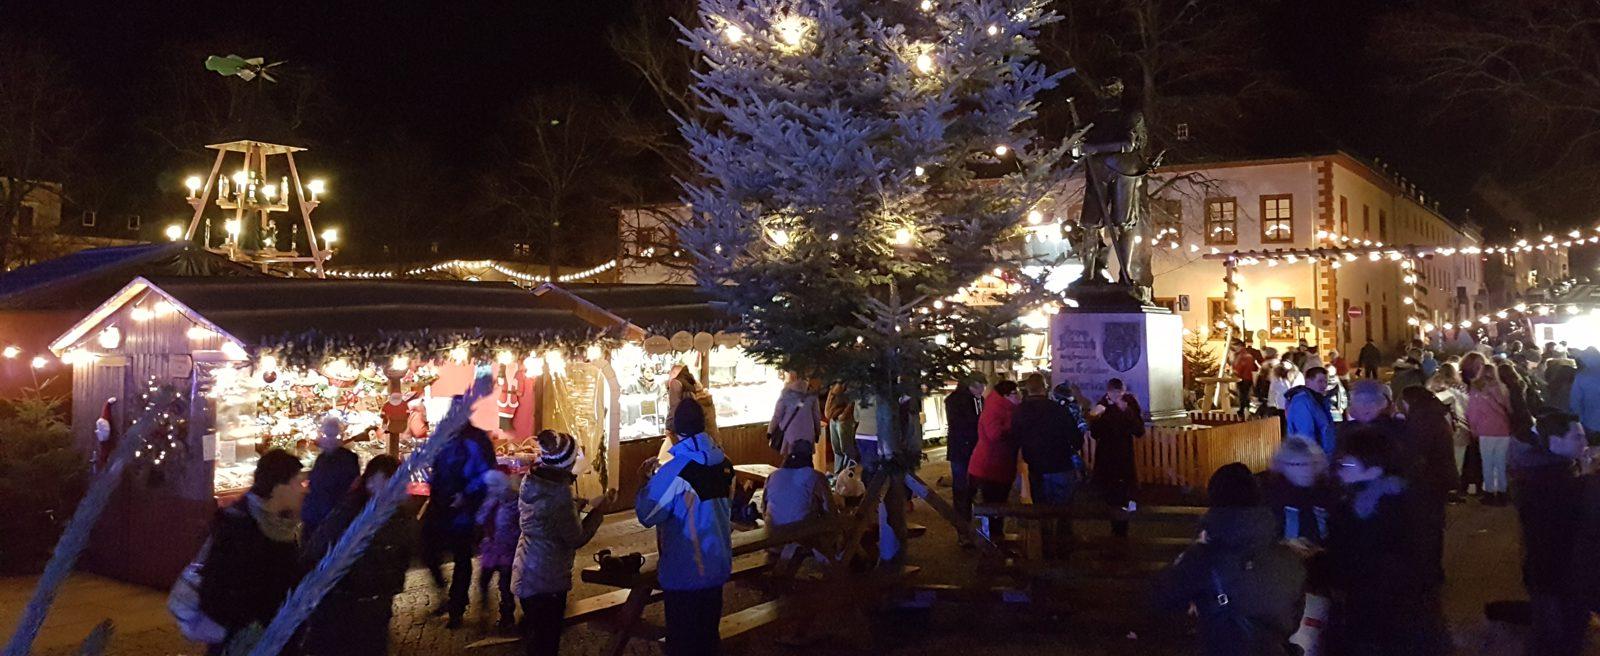 Wo Ist Heute Ein Weihnachtsmarkt.Marienberger Weihnachtsmarkt Im Erzgebirge